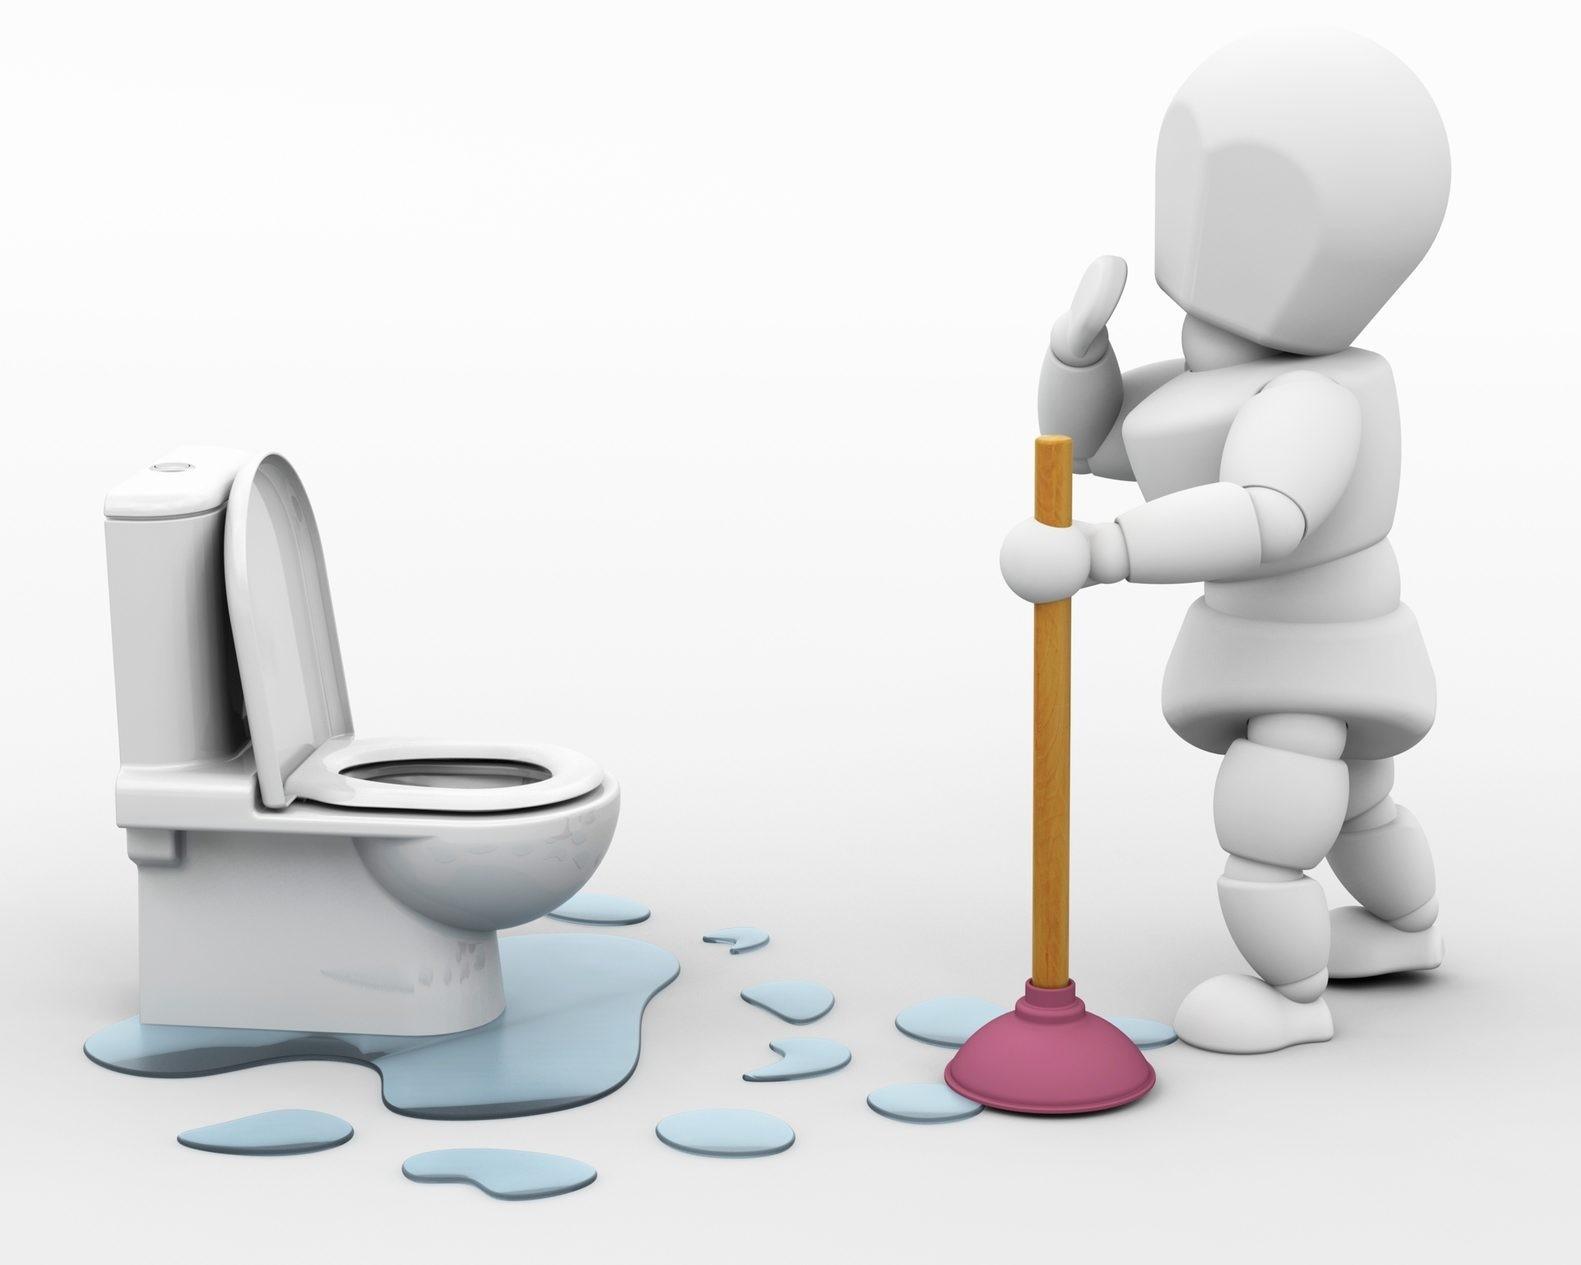 maintain toilets